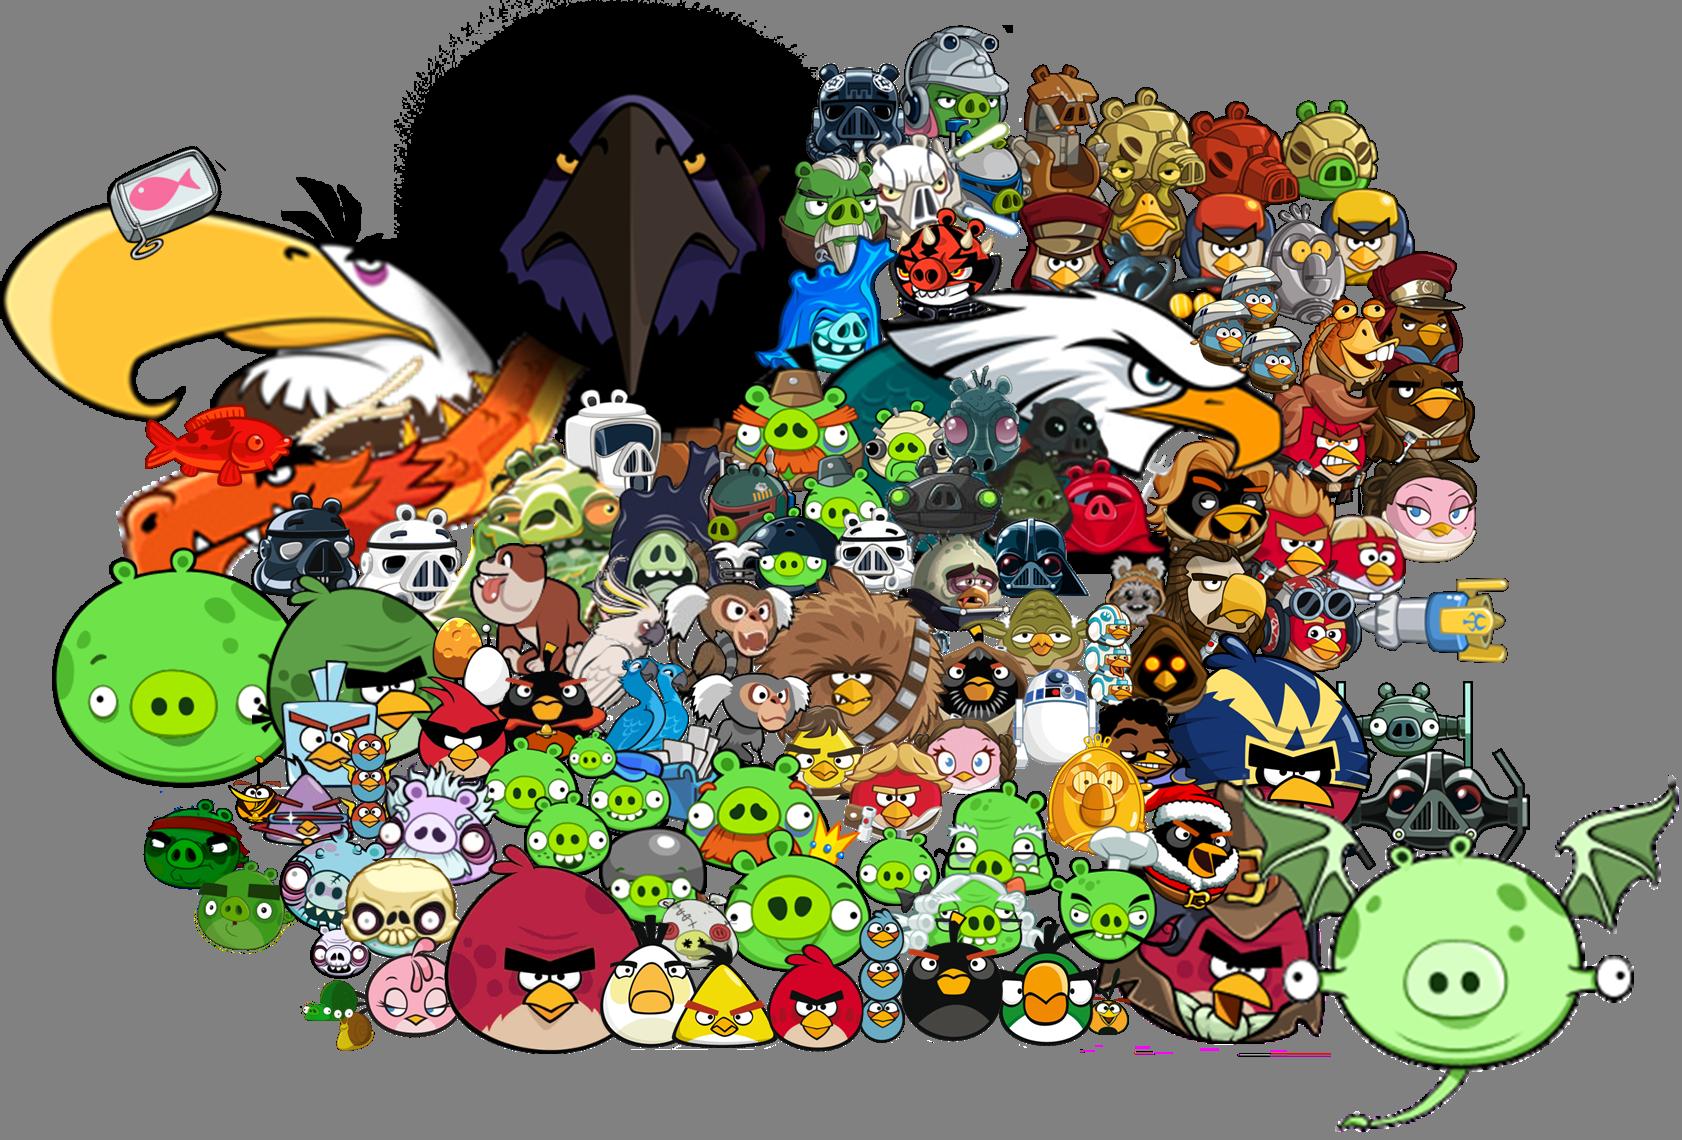 Afbeeldingsresultaat voor angry birds space characters hal,matilda